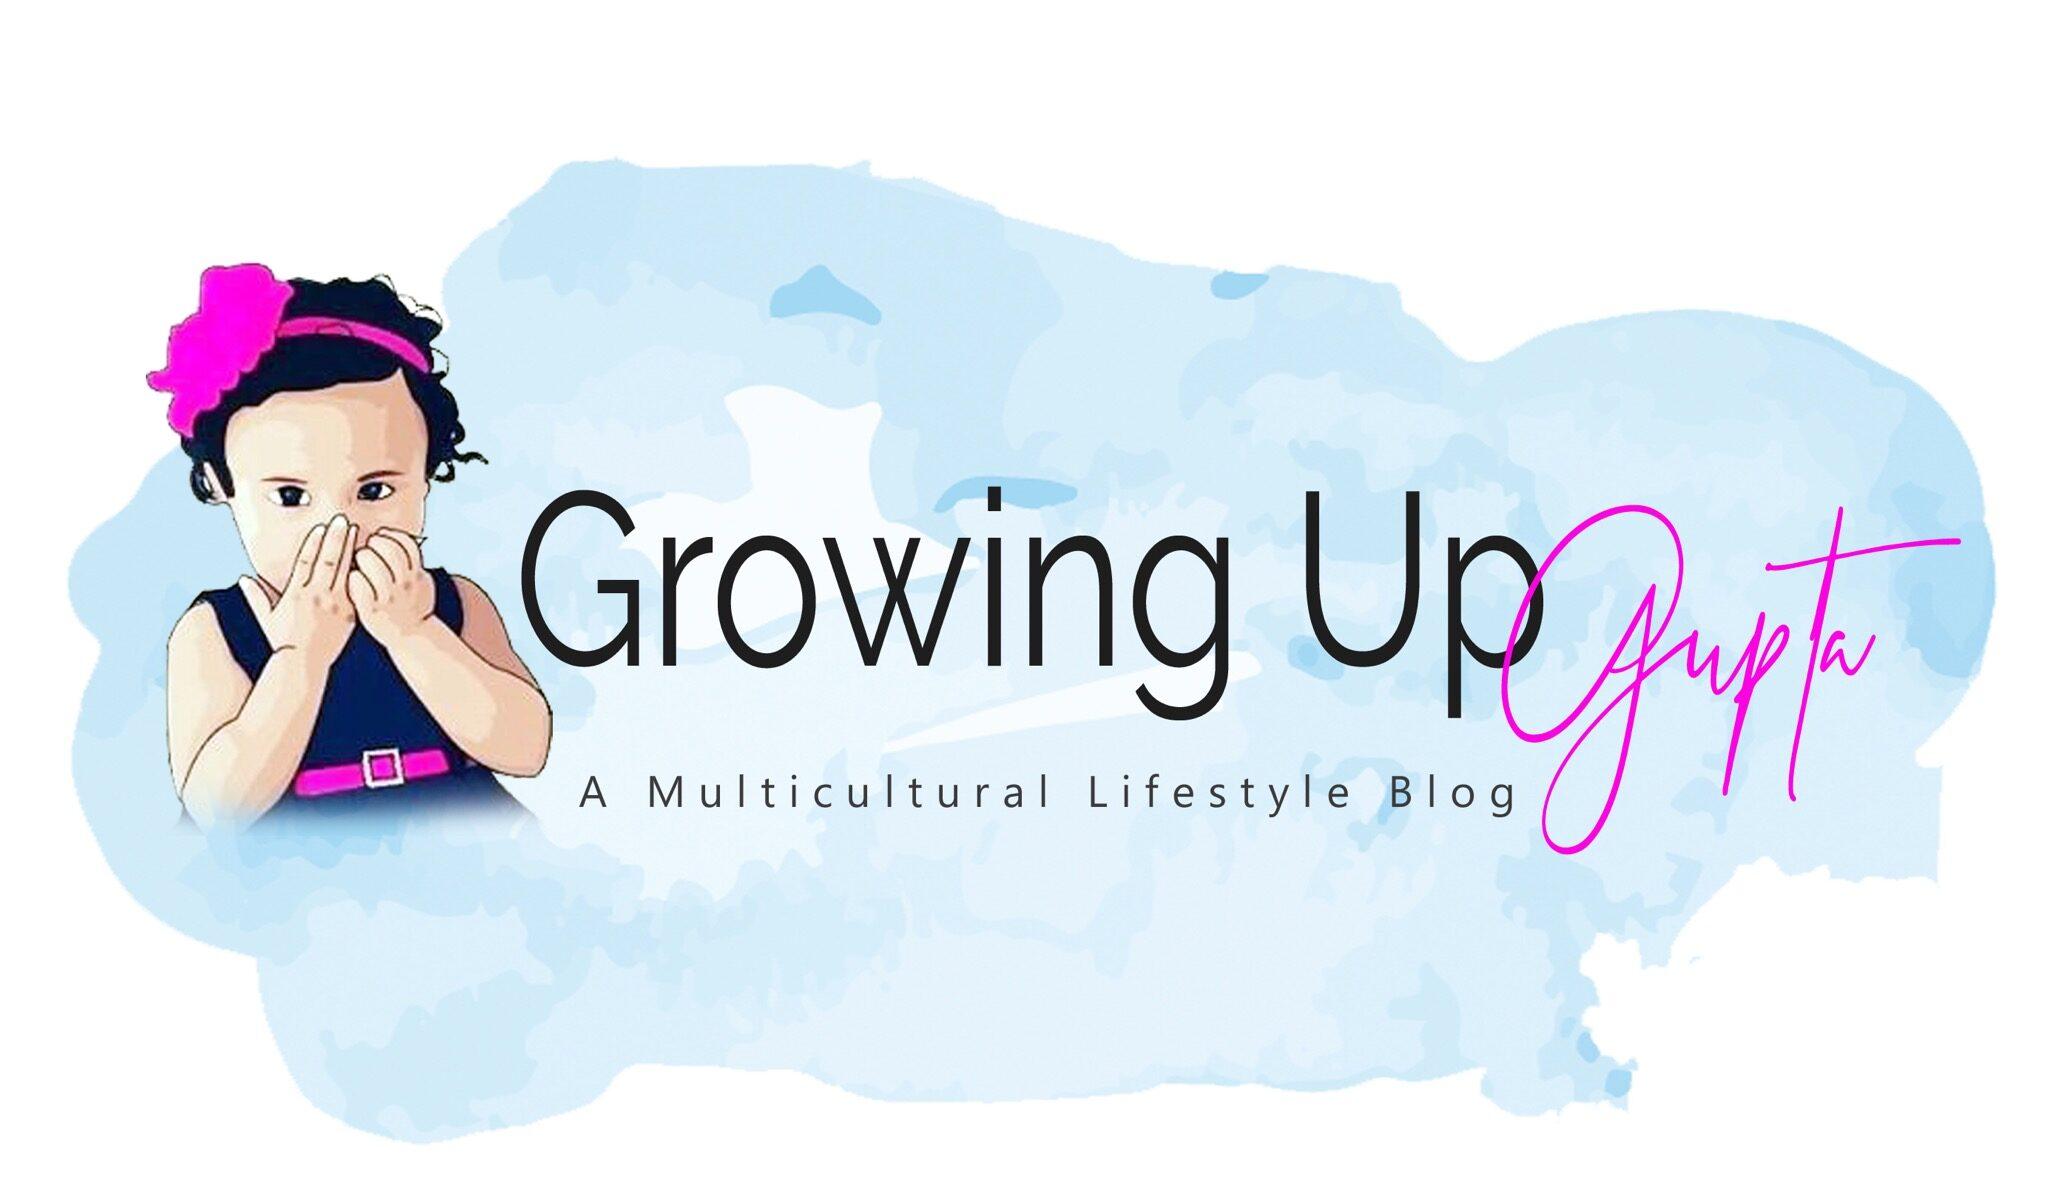 Growing Up gupta